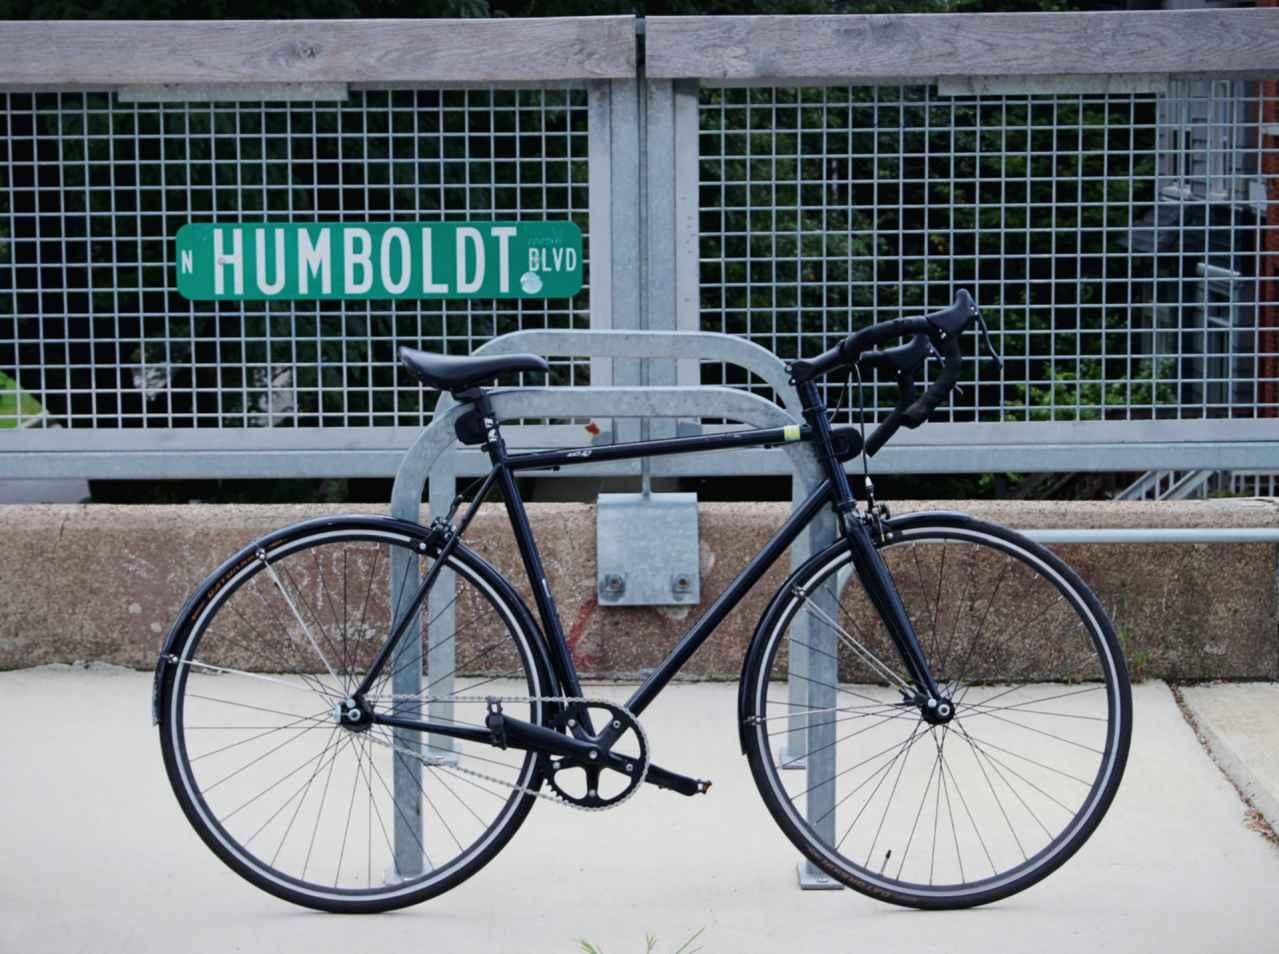 1:ロードバイクにツールケースは必要?【必須ではないが合った方が良い】